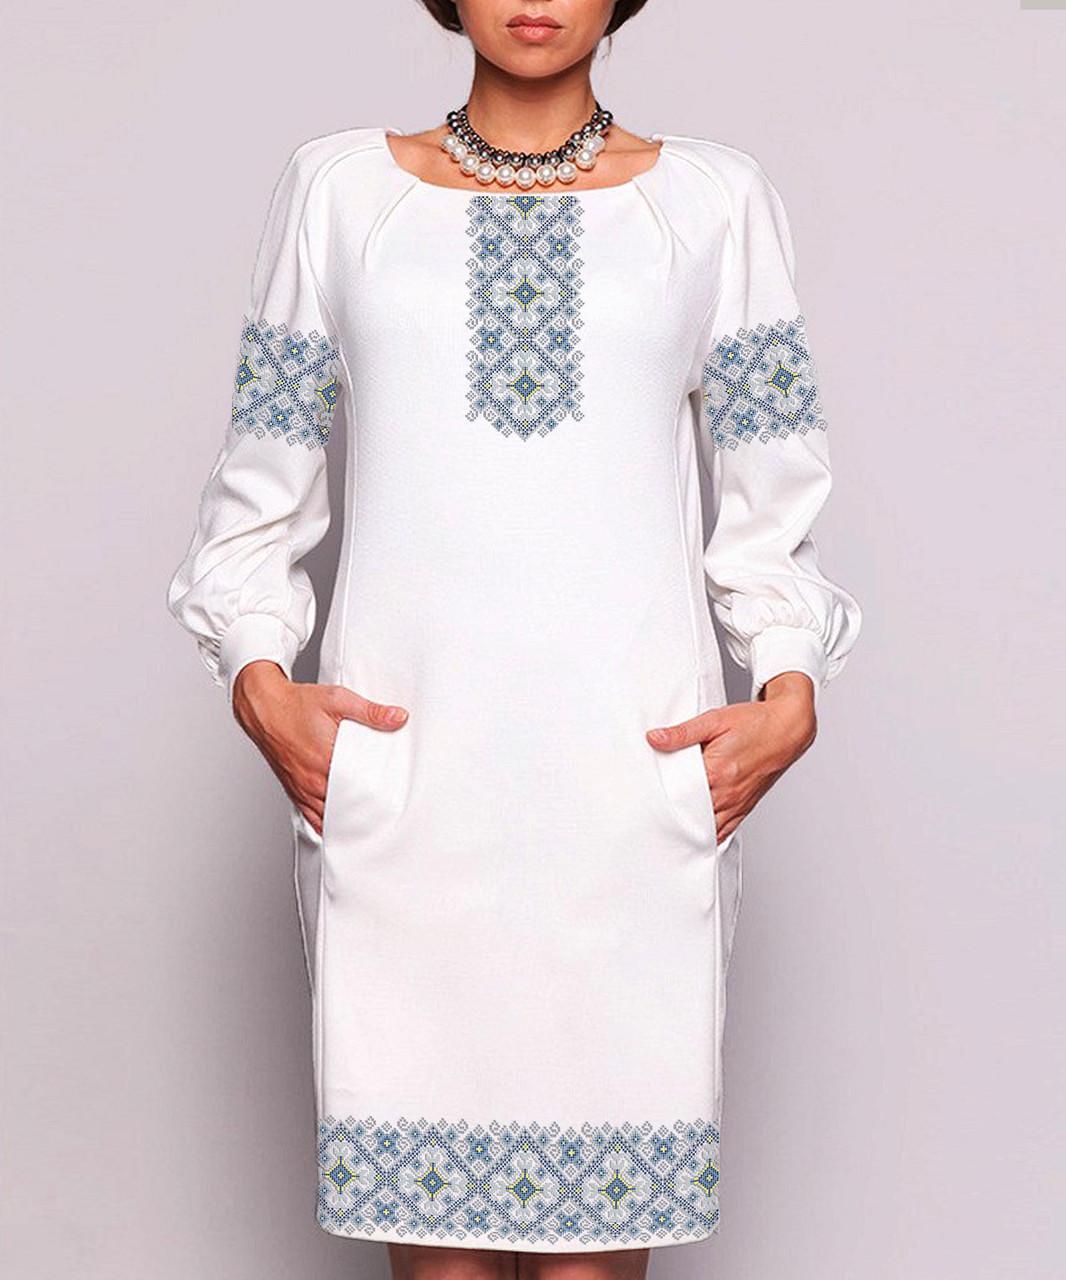 Заготовка женского платья для вышивки / вышивания бисером / ниткой  «Орнамент 95»